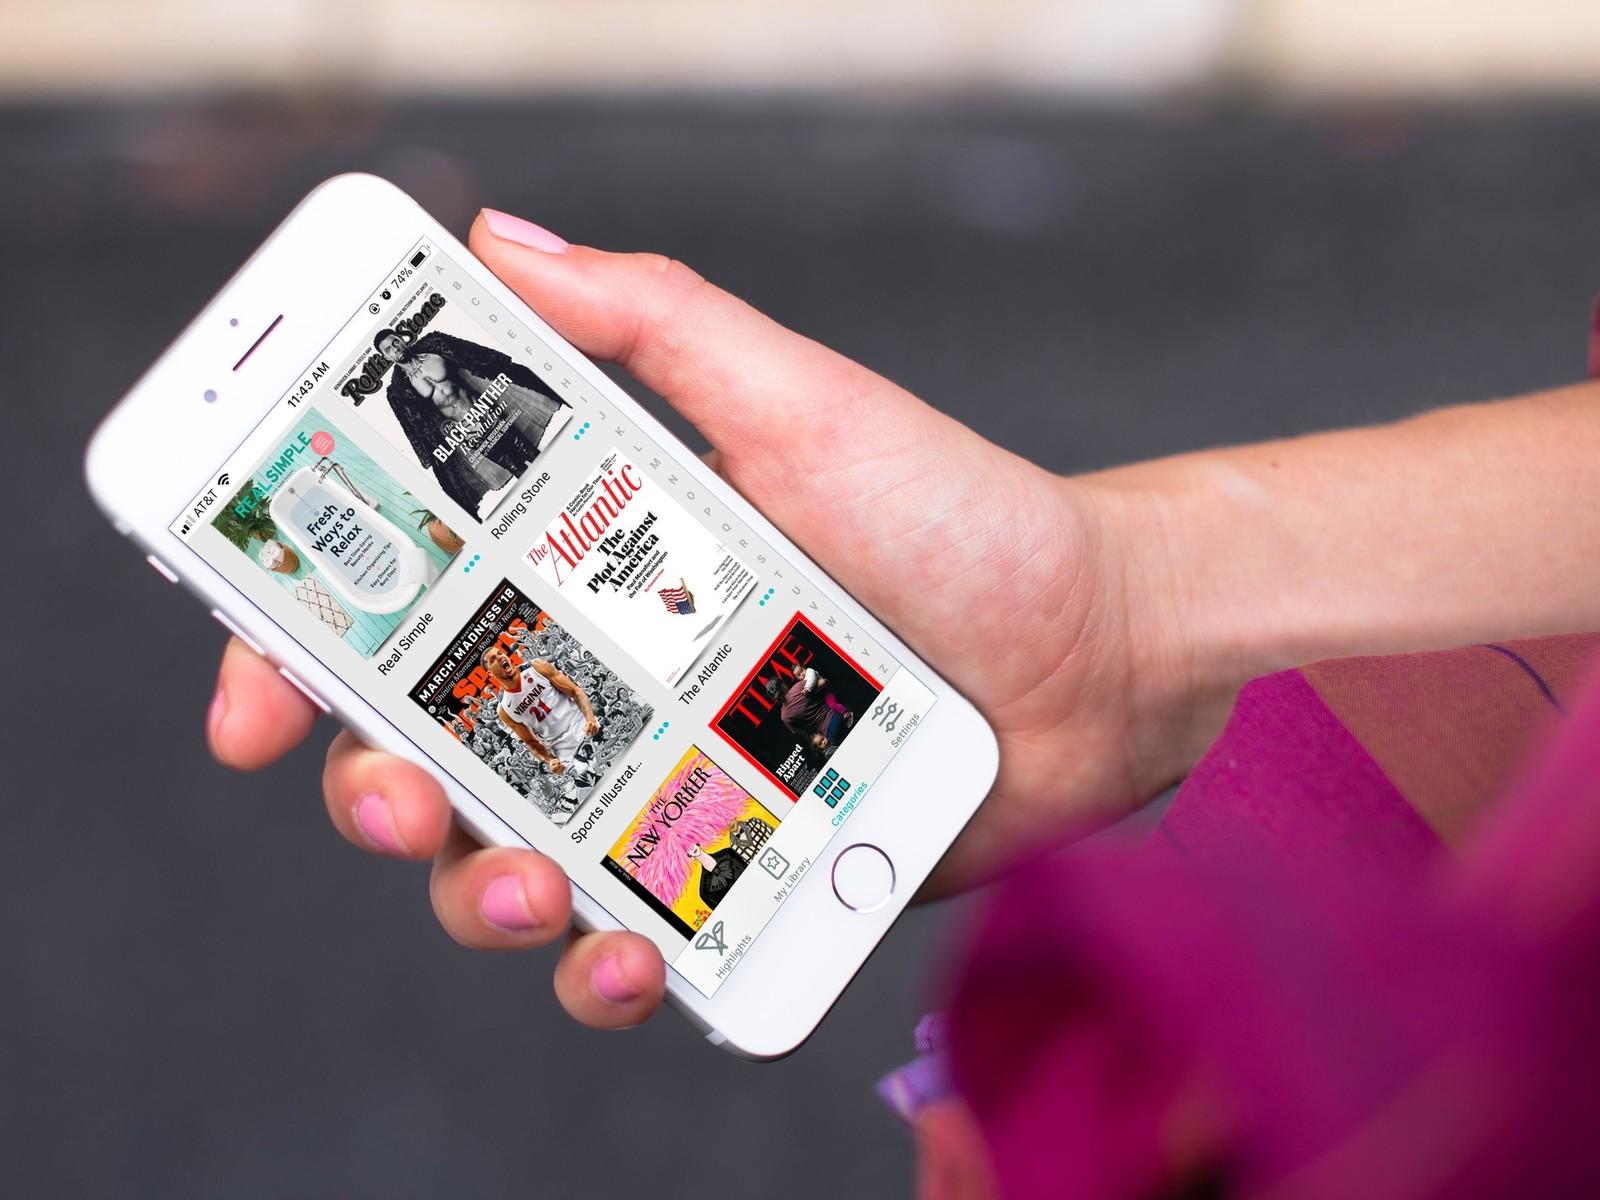 Revistas da Texture num iPhone